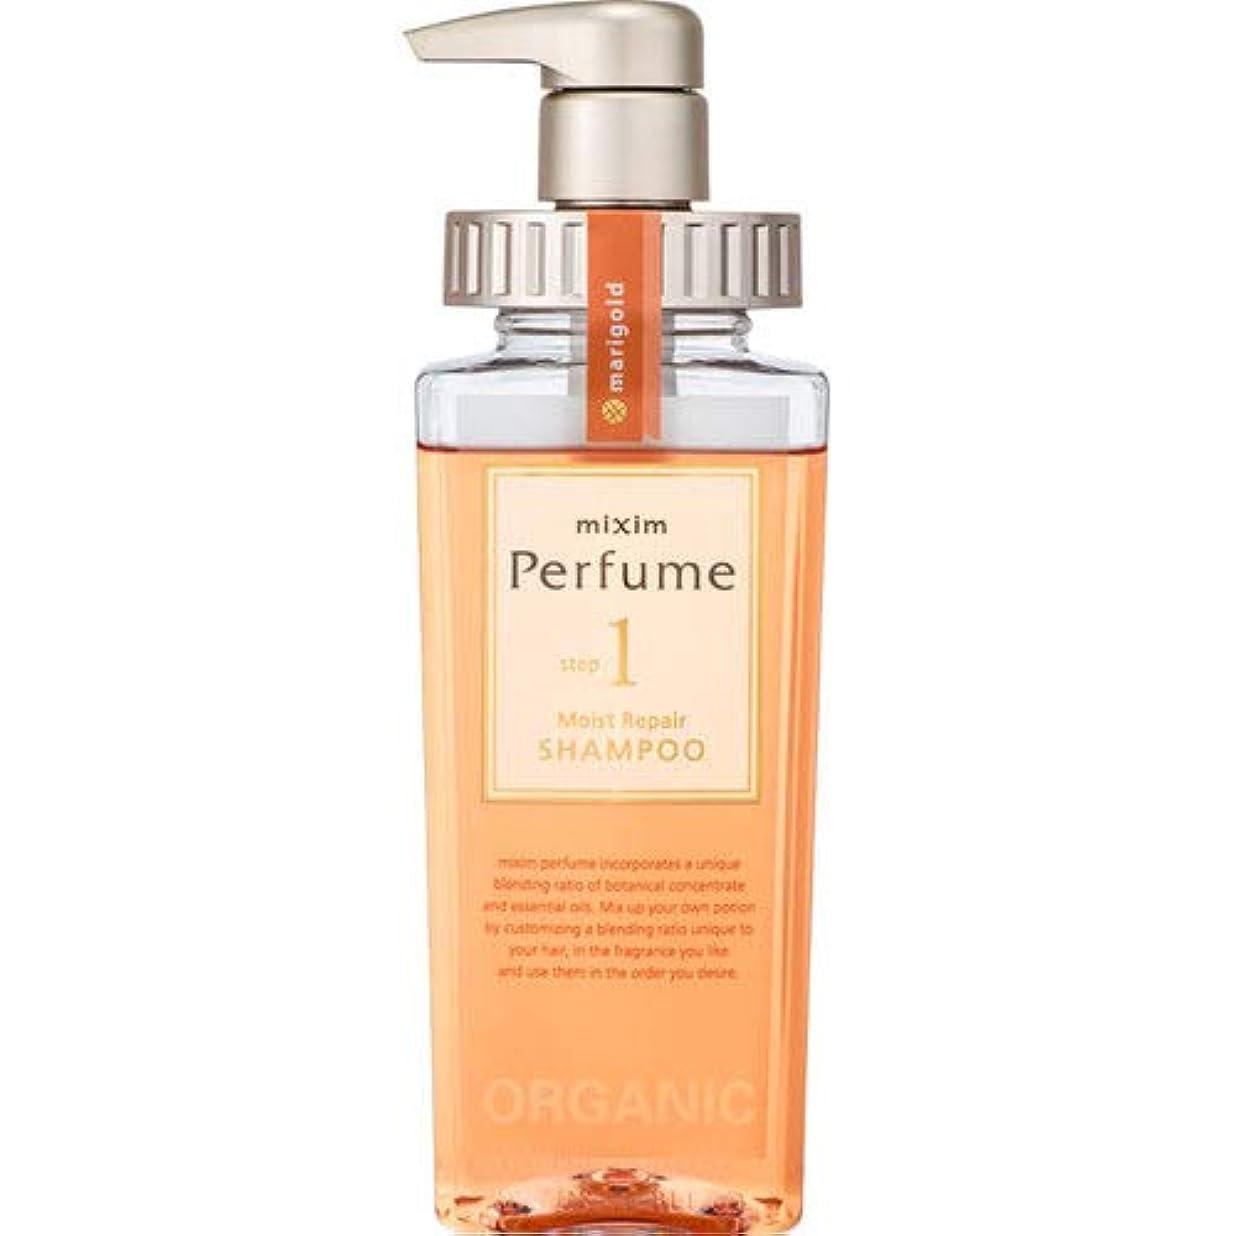 現実コート熱帯のmixim Perfume(ミクシムパフューム) モイストリペア シャンプー 440mL